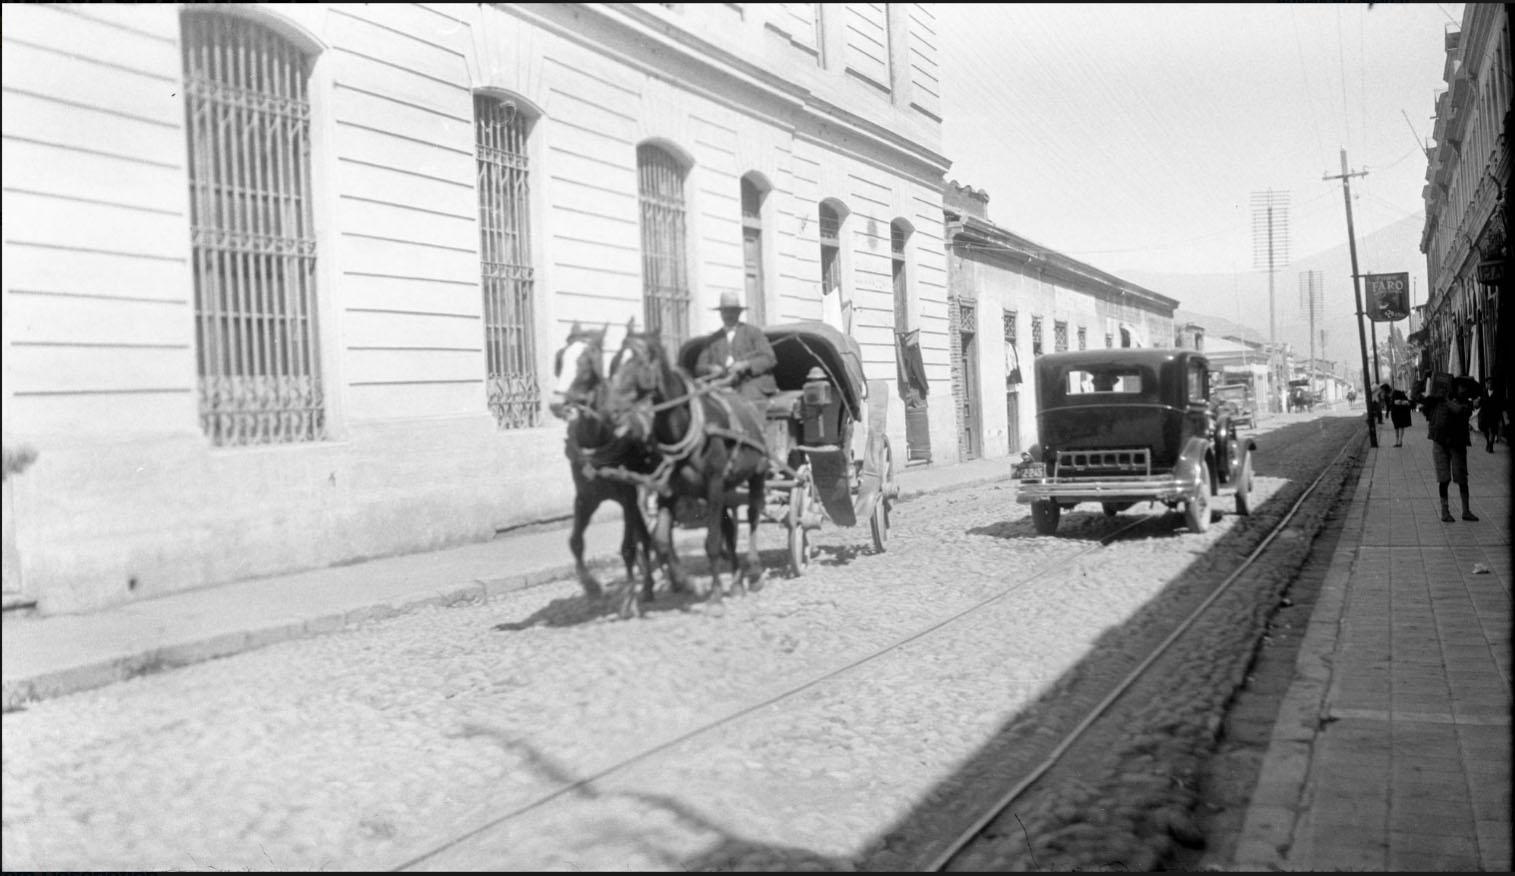 Enterreno - Fotos históricas de chile - fotos antiguas de Chile - San Felipe en 1930